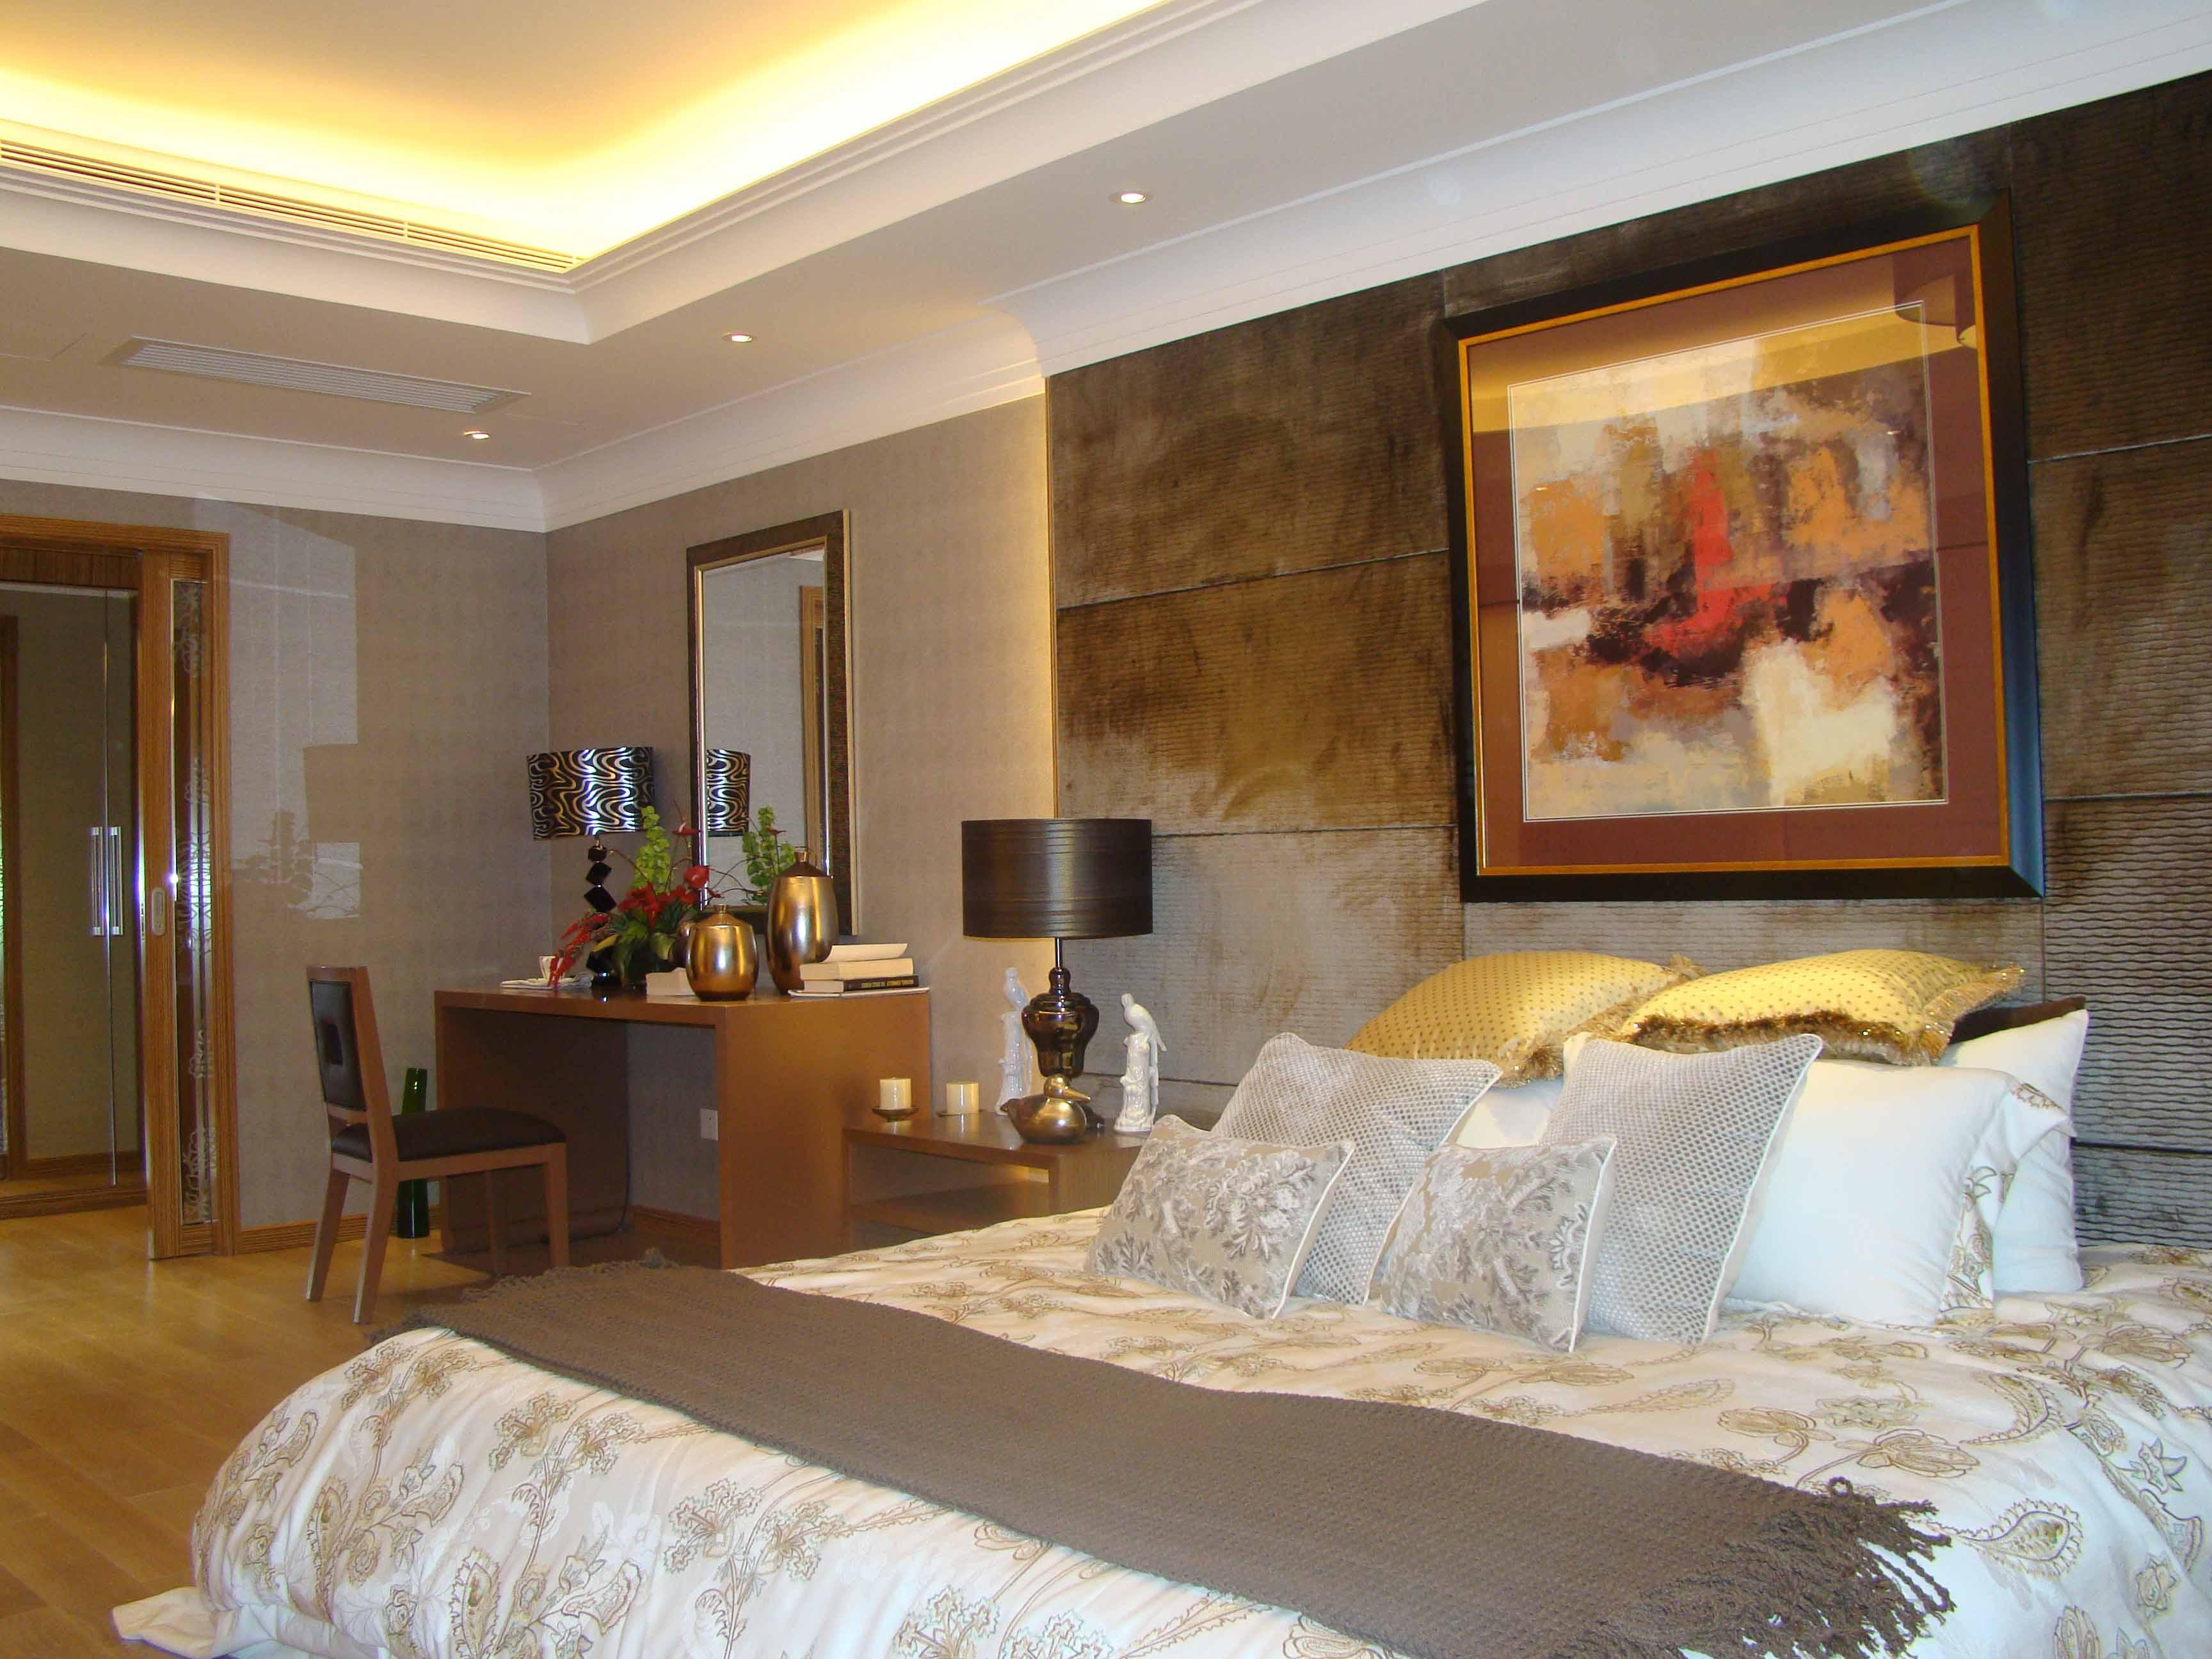 简约 卧室图片来自深圳市浩天装饰在水榭春天的分享